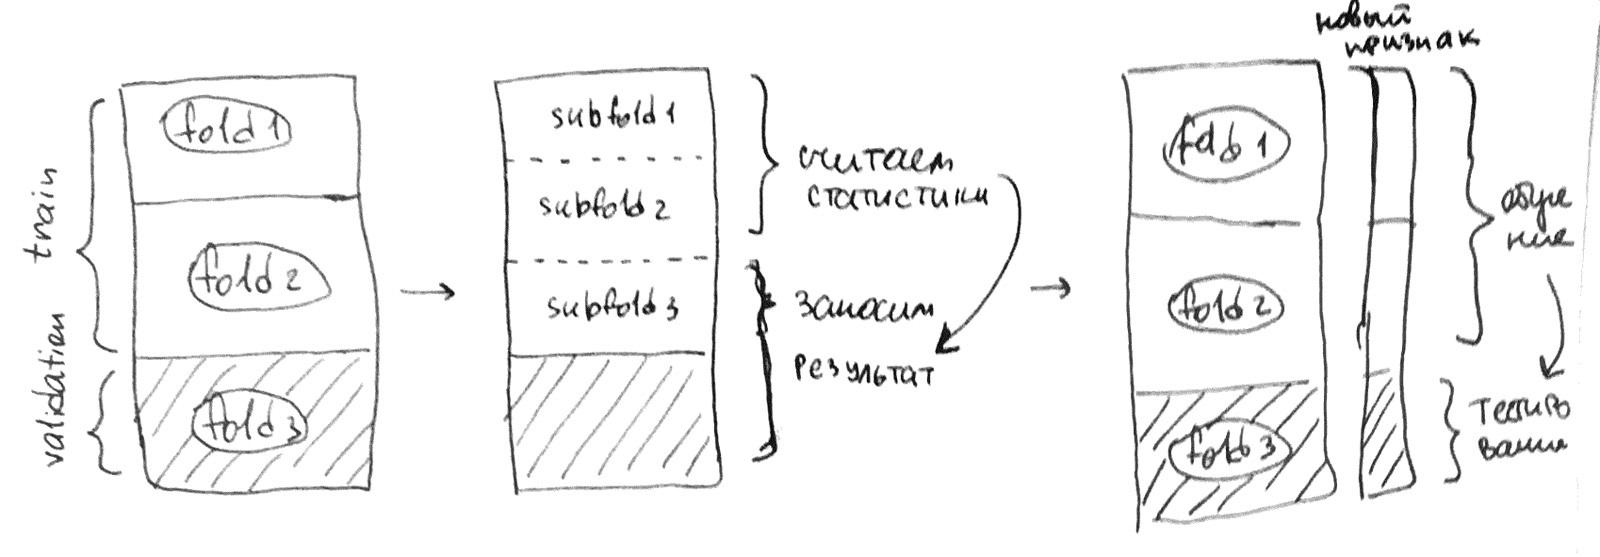 Спортивный анализ данных, или как стать специалистом по data science - 21